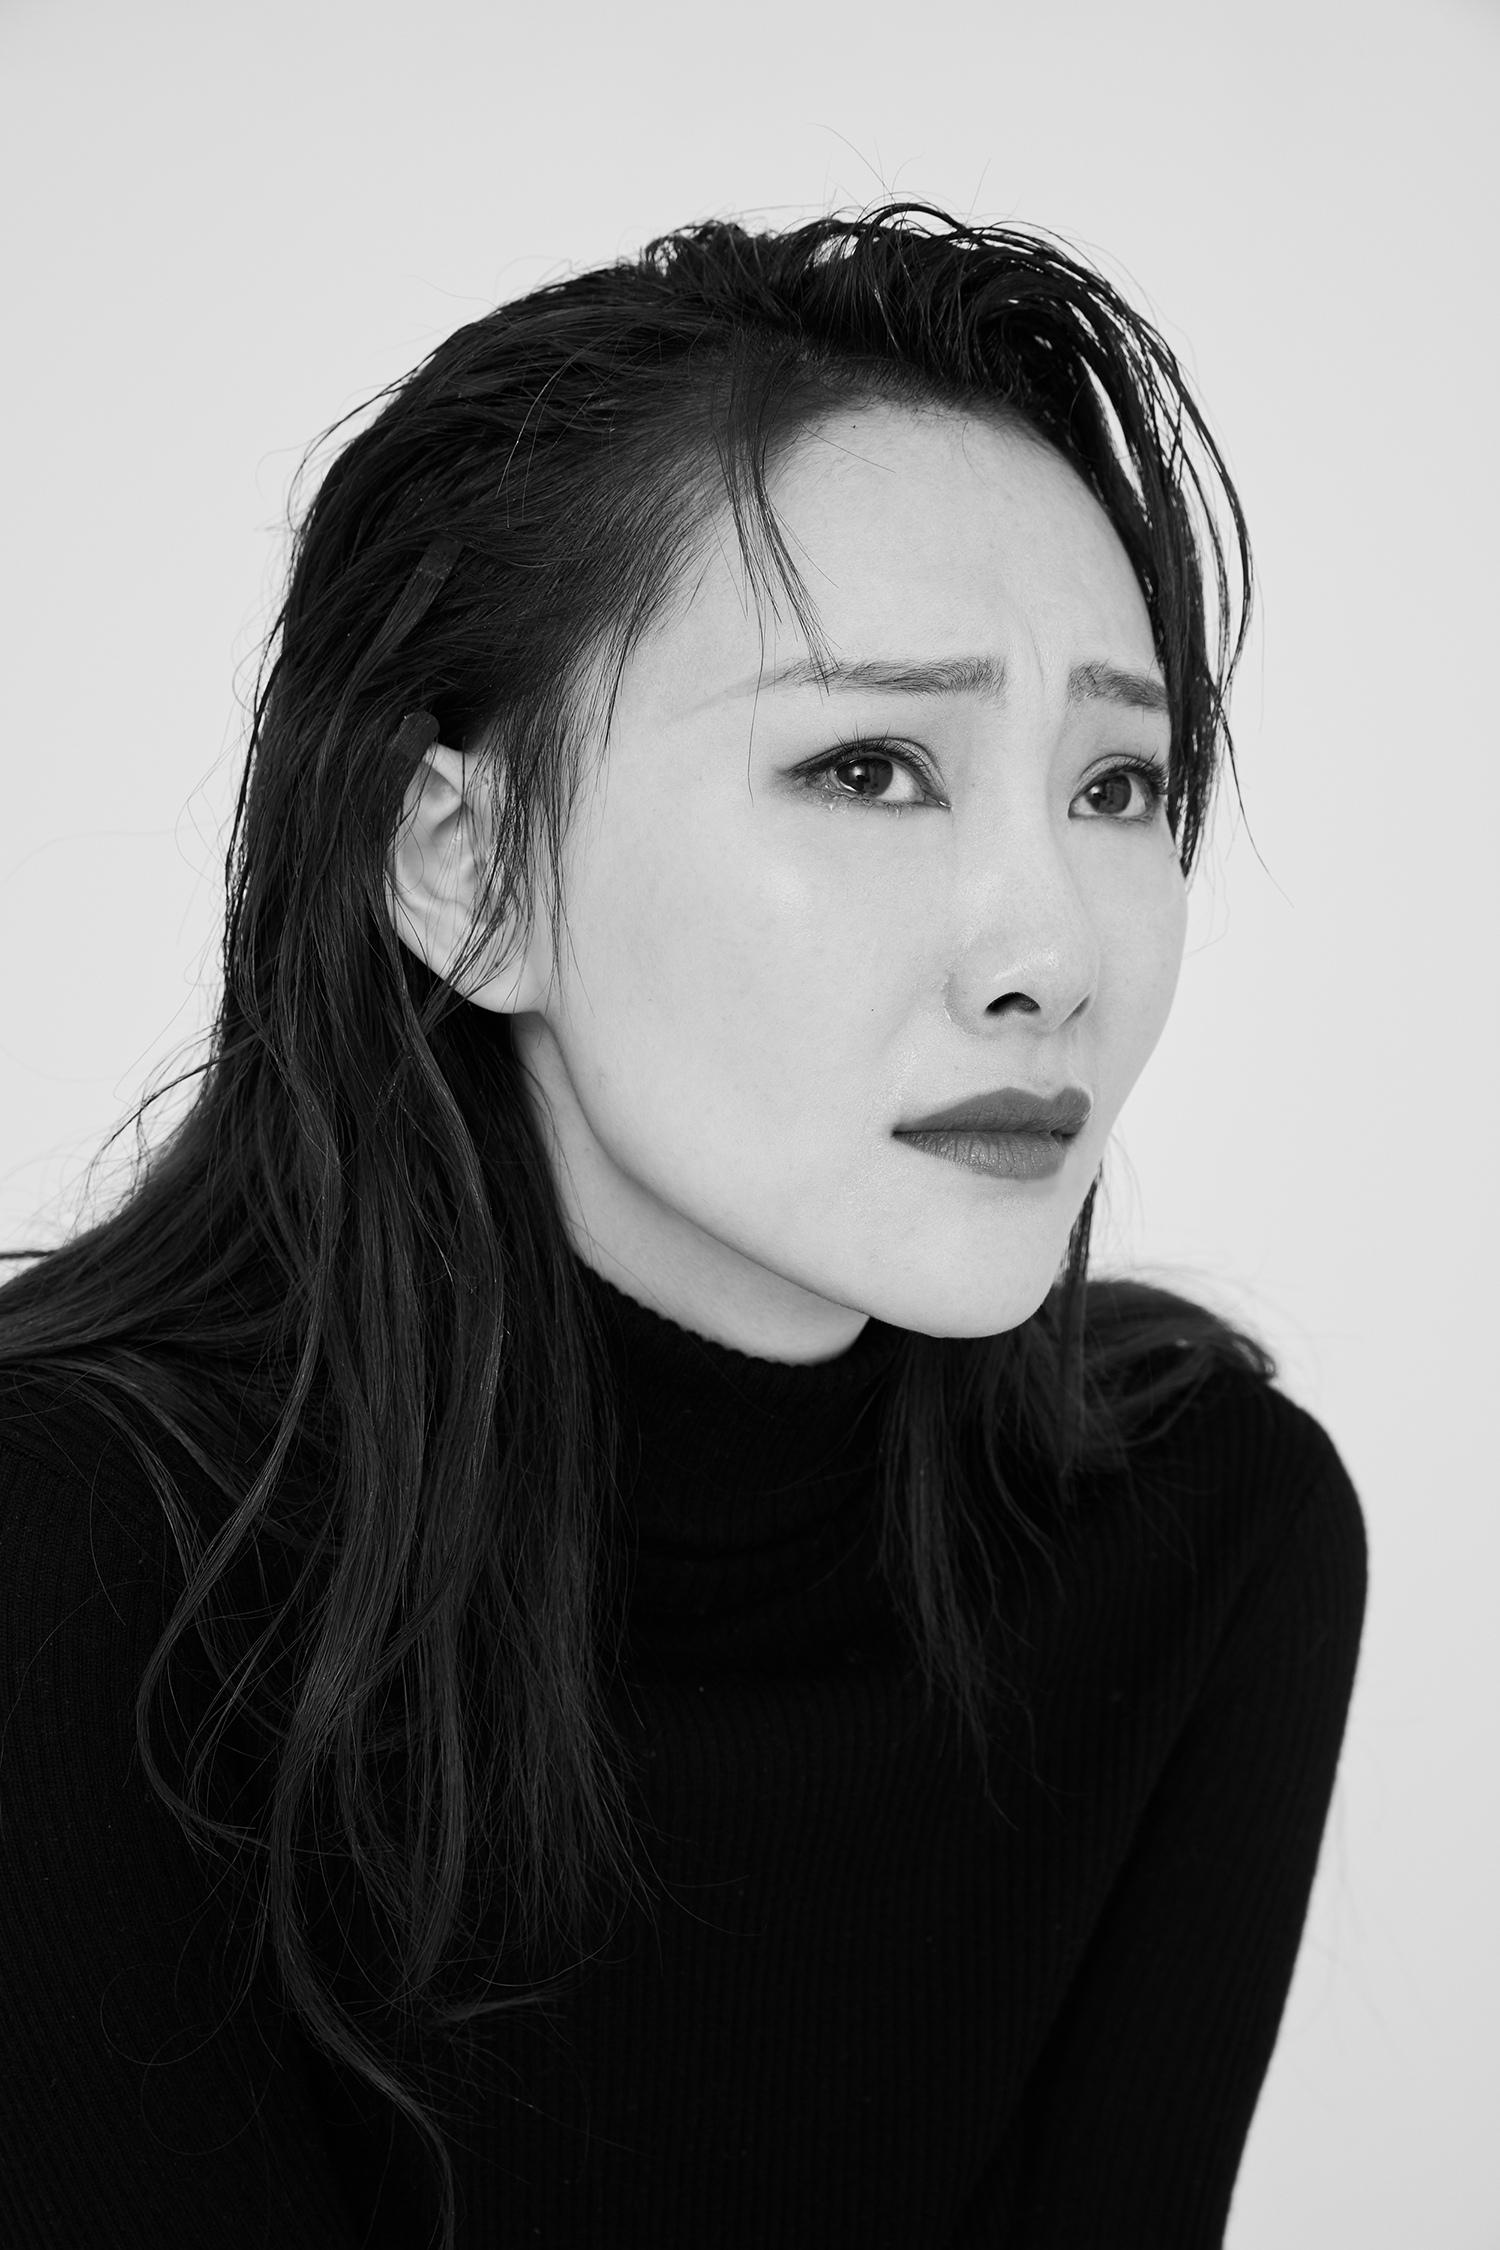 李昕岳黑利剑质感写真曝光 (2).jpg